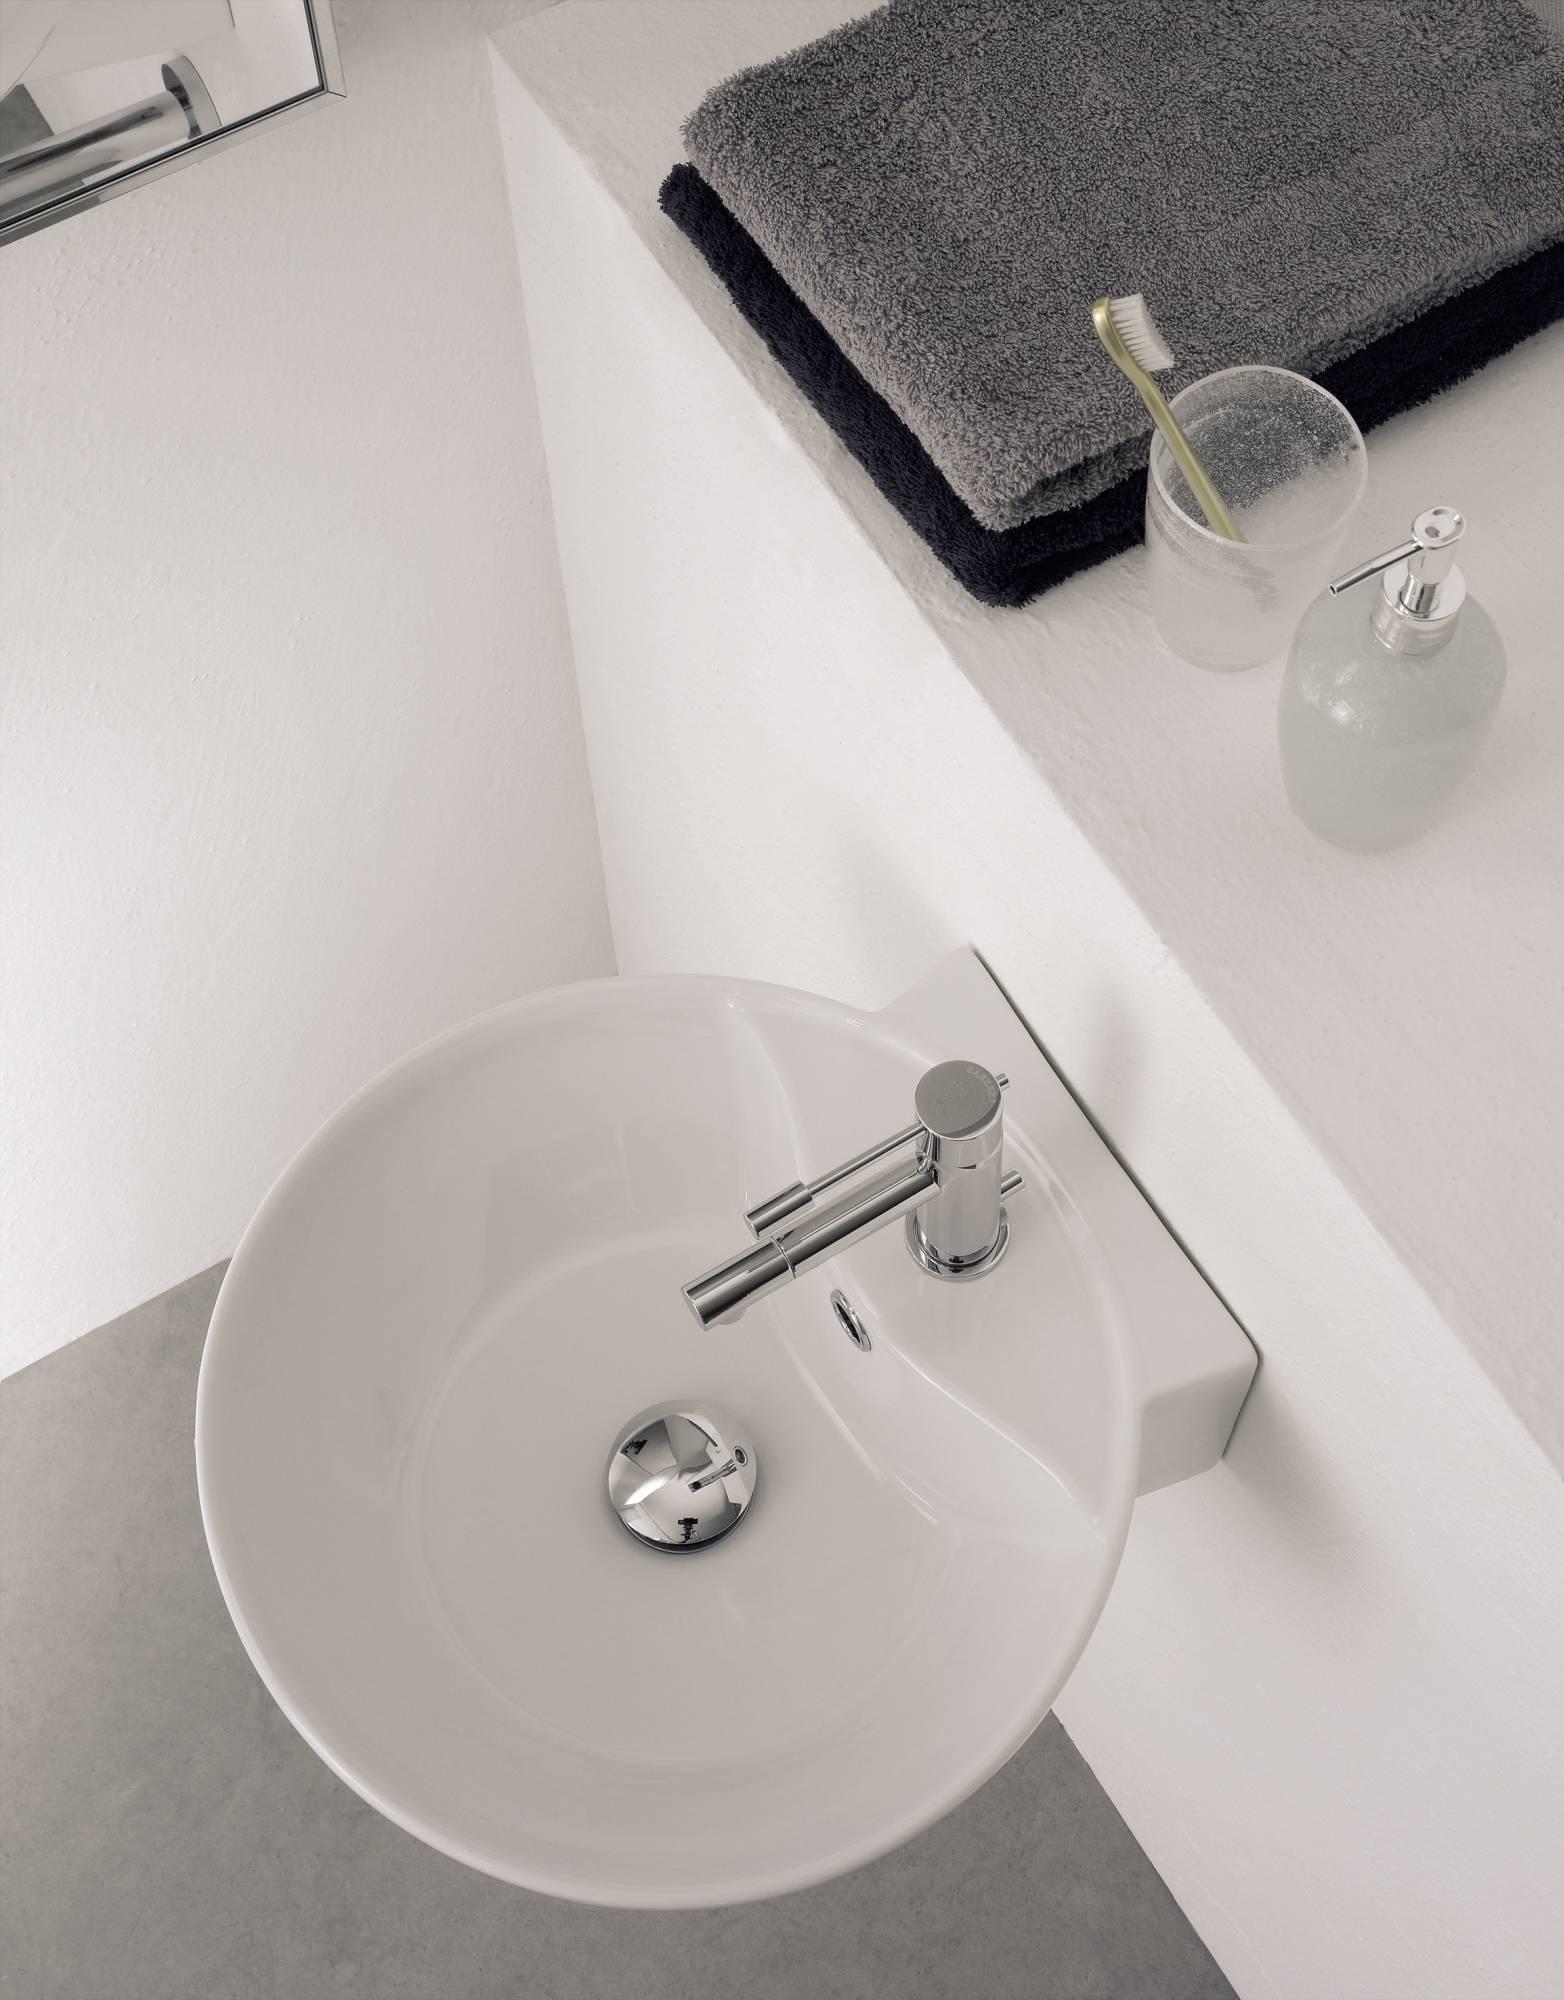 lavabo_da_appoggio_o_sospeso_ceramica_thin_line_sfera_r_scarabeo